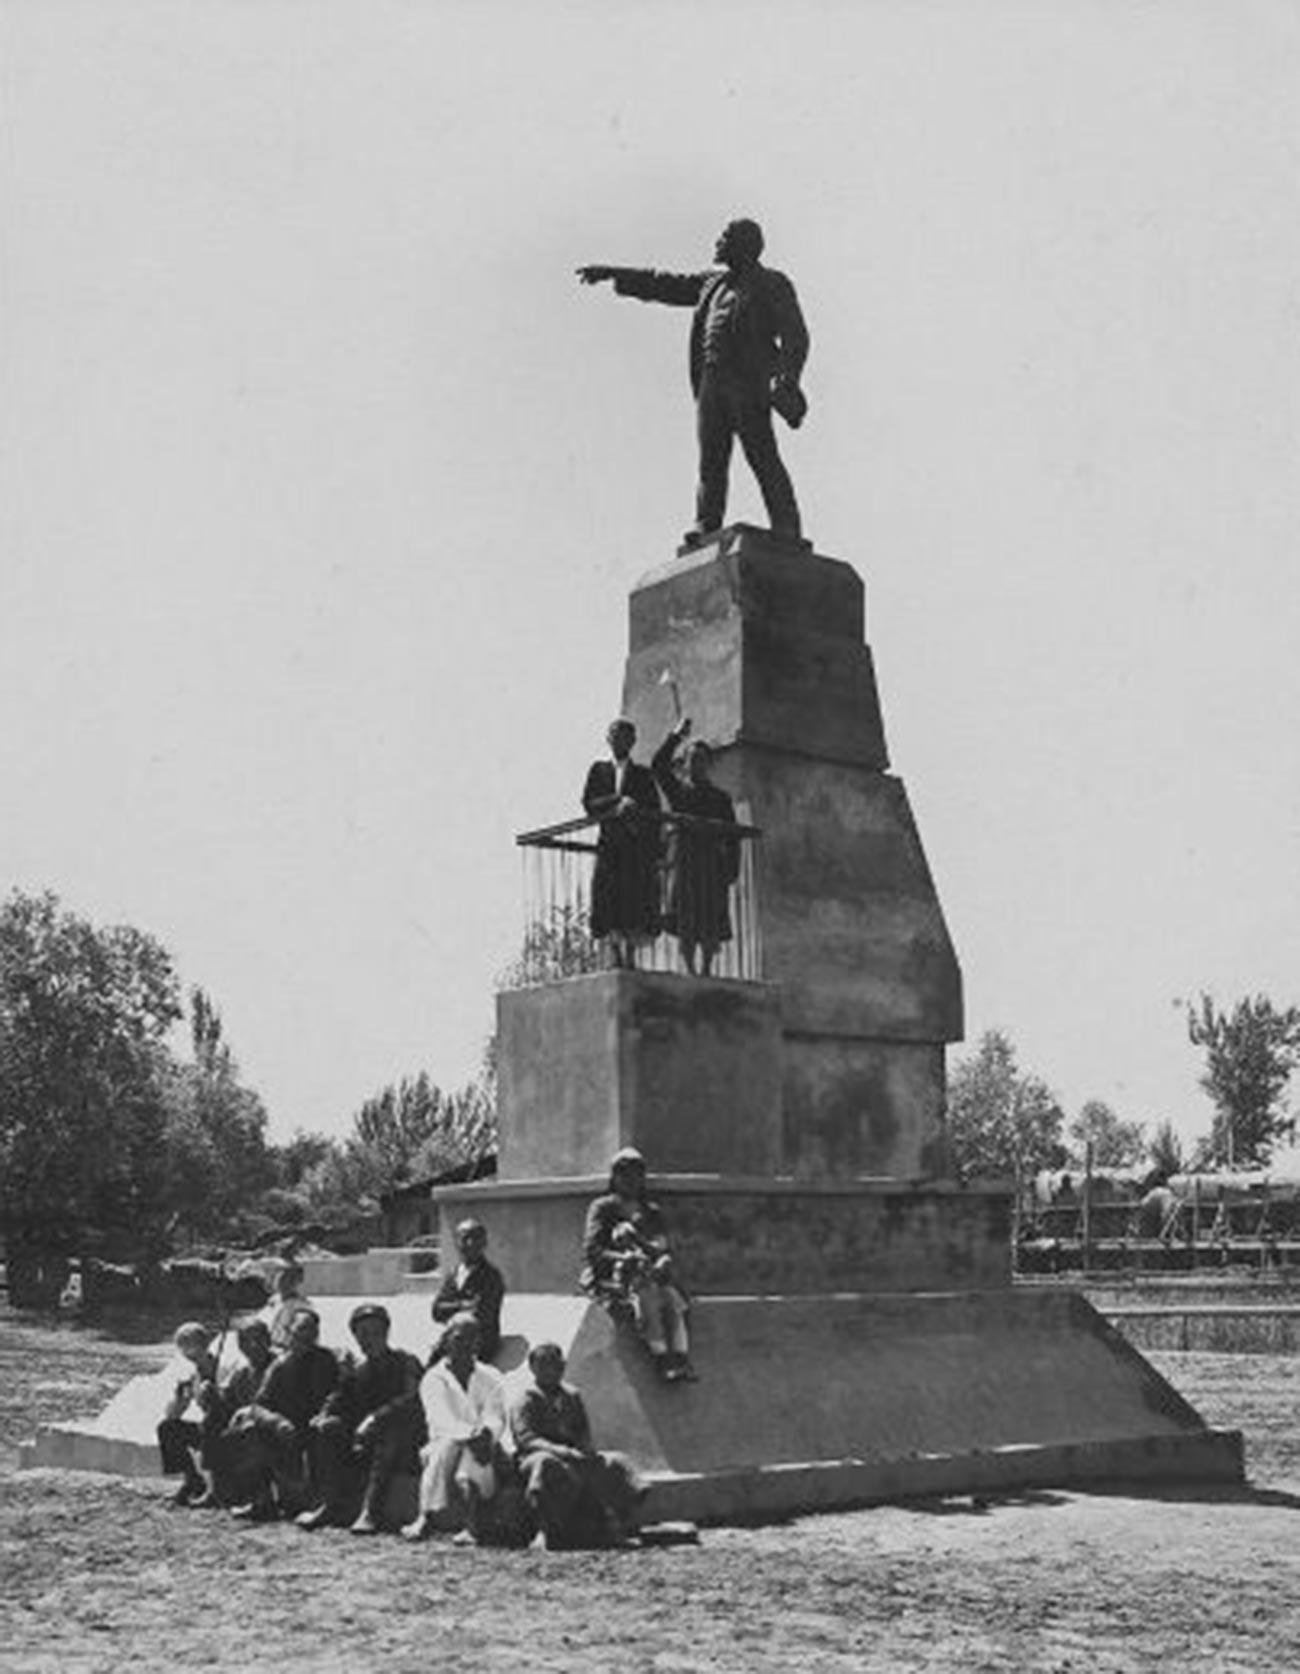 Ein Denkmal für Wladimir Lenin. Andischon, Usbekische SSR, 1930er Jahre